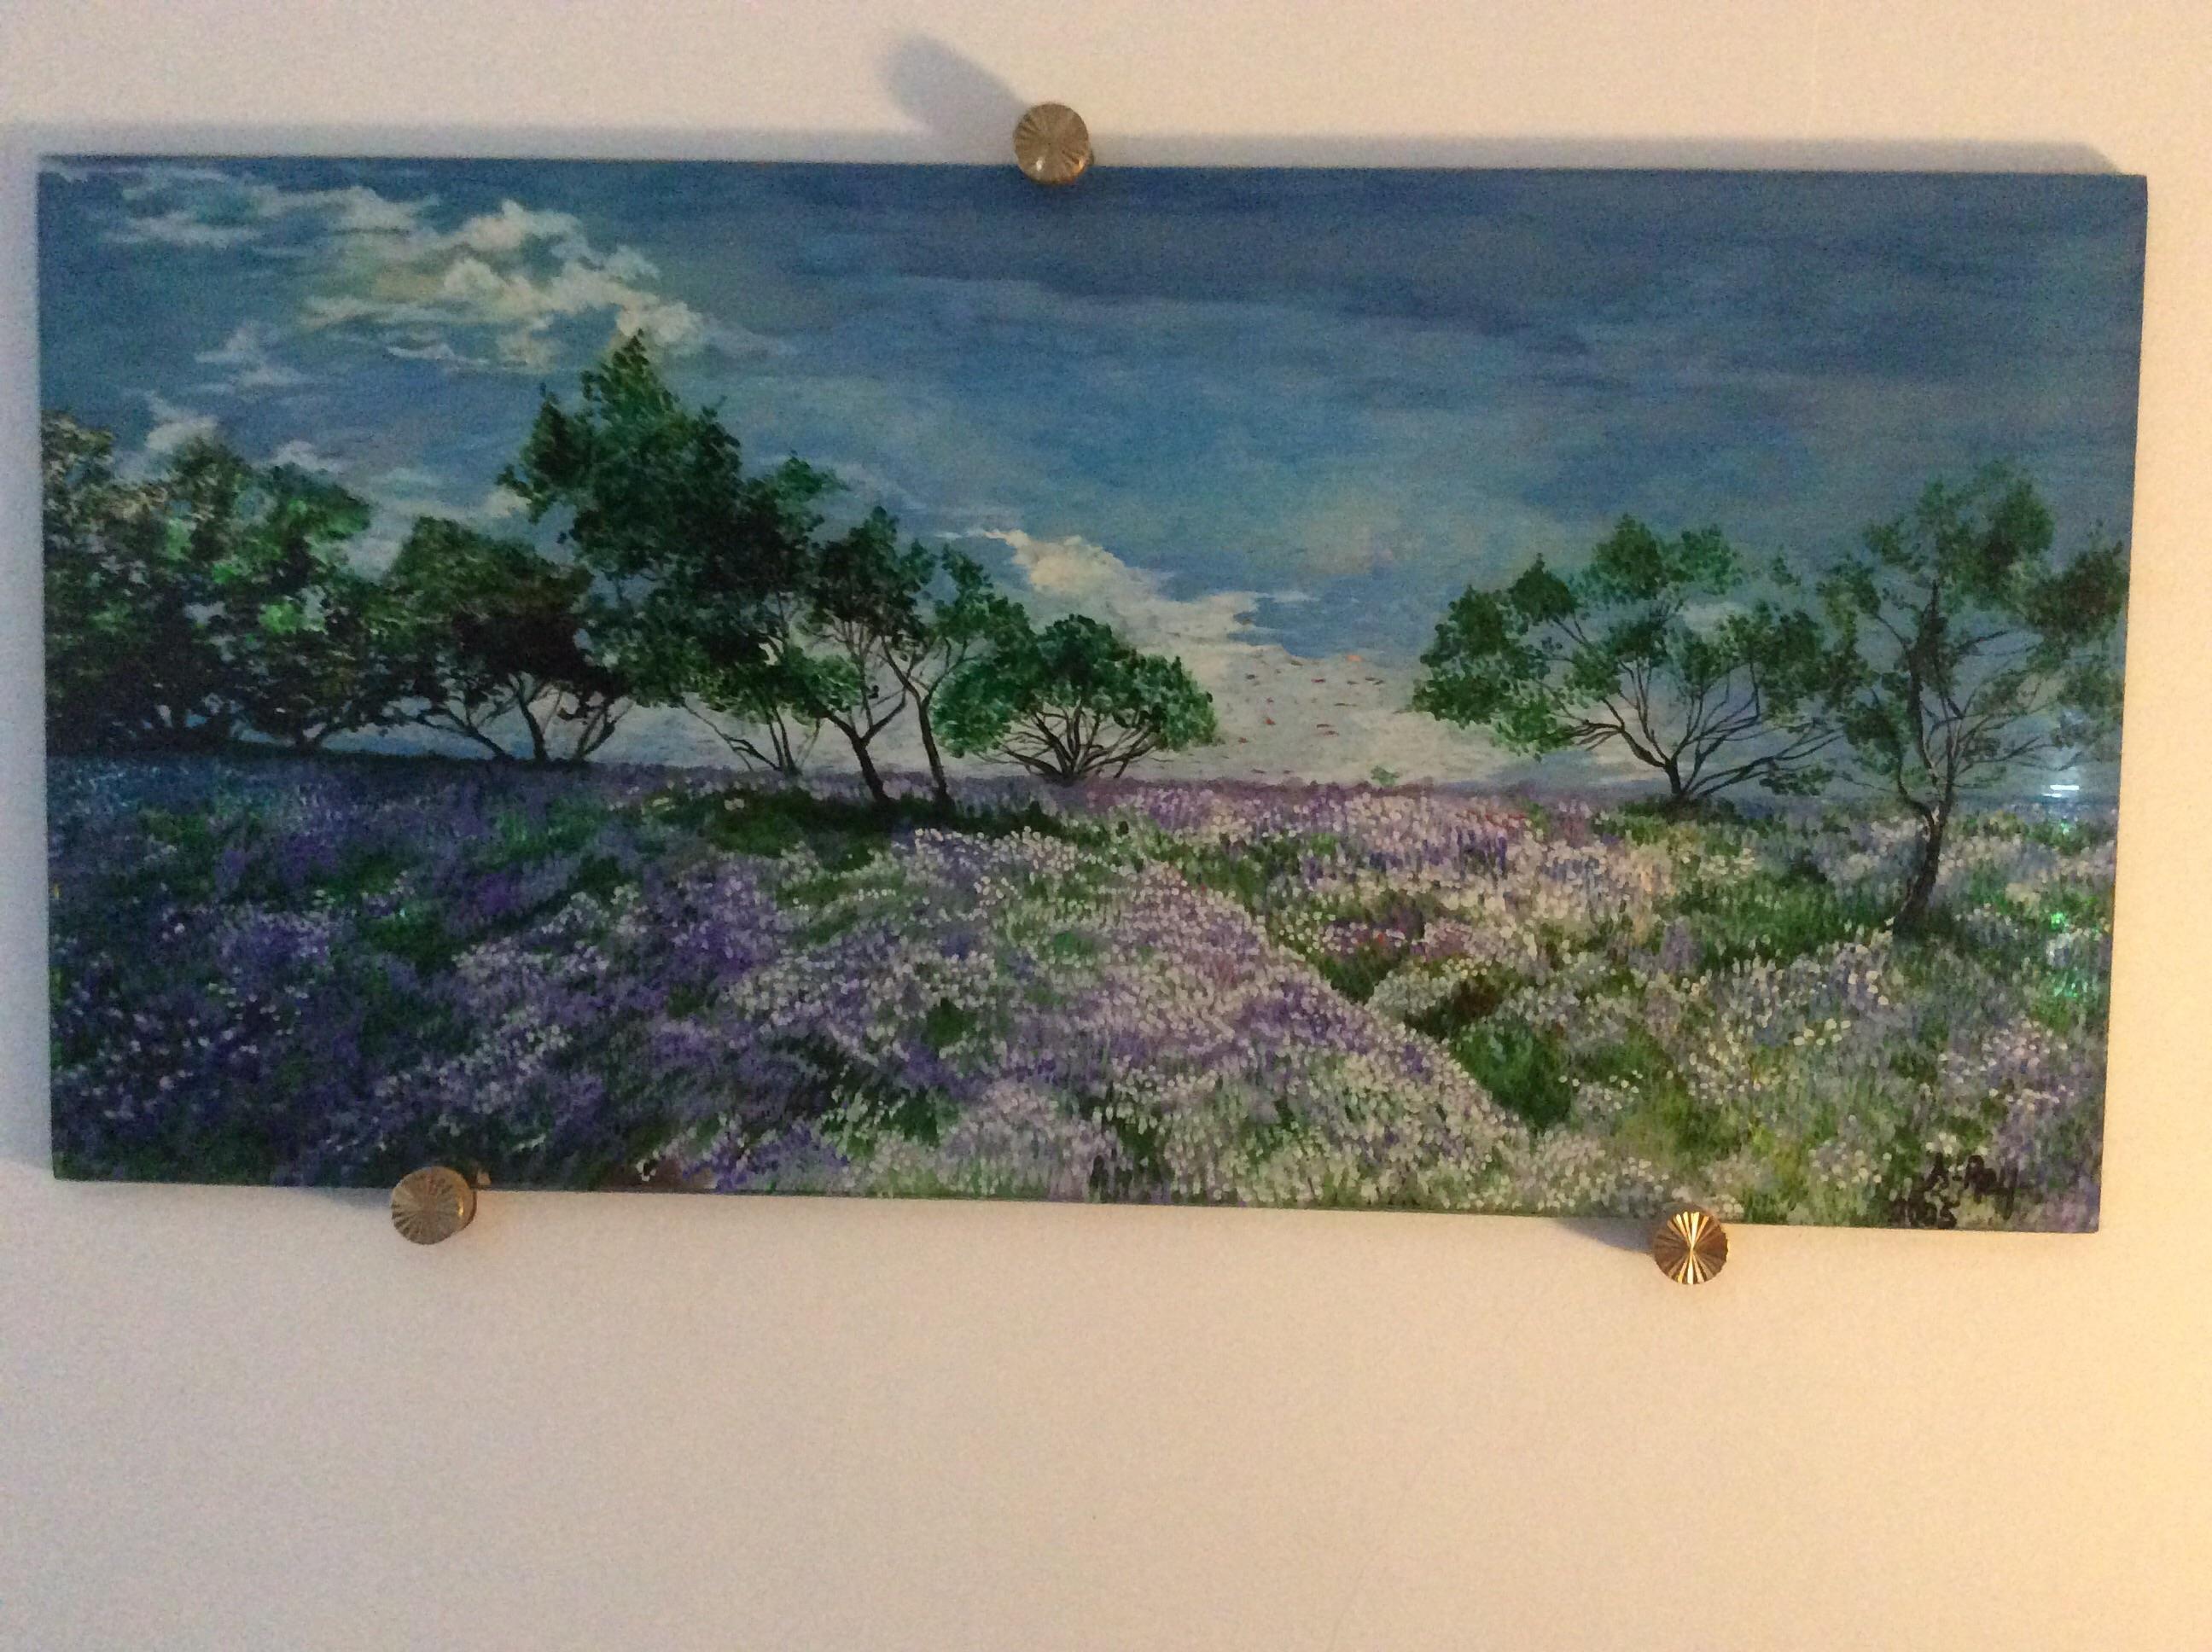 Field of lavenders